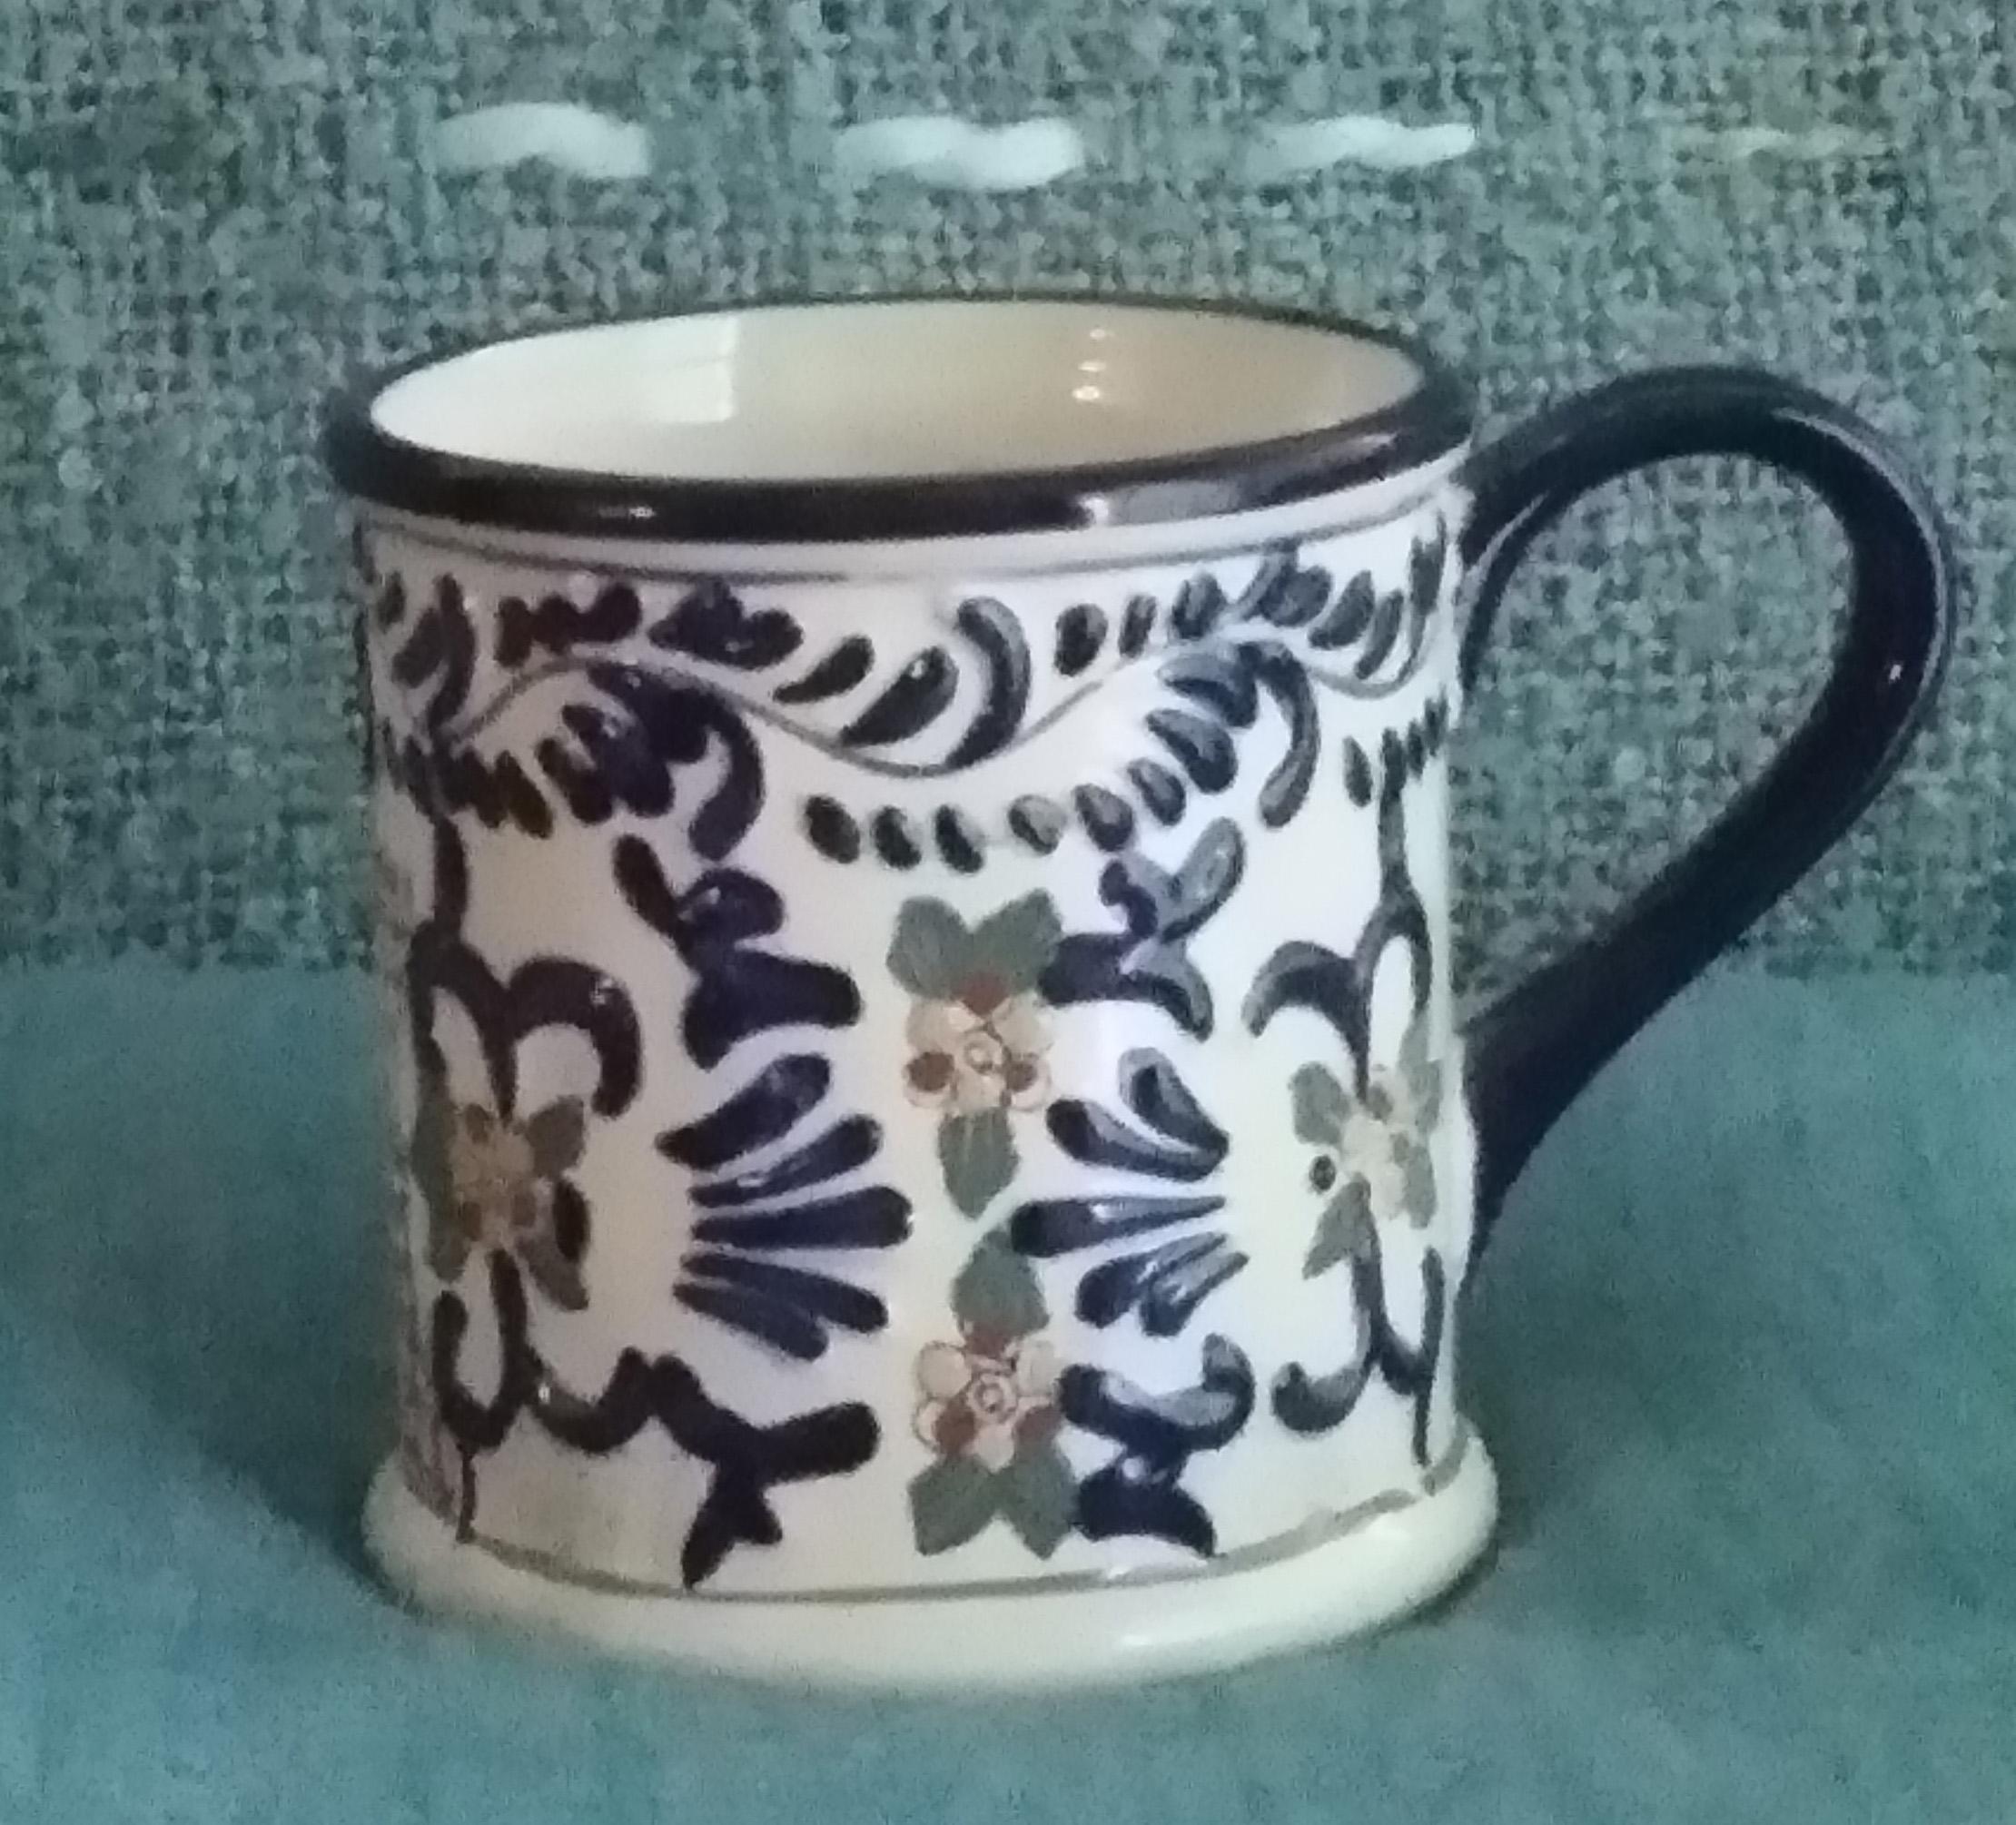 El te de jenjibre de Miguel, en taza especial pintada a mano con decoraciones alusivas al estilo mediterráneo. (Foto suministrada)